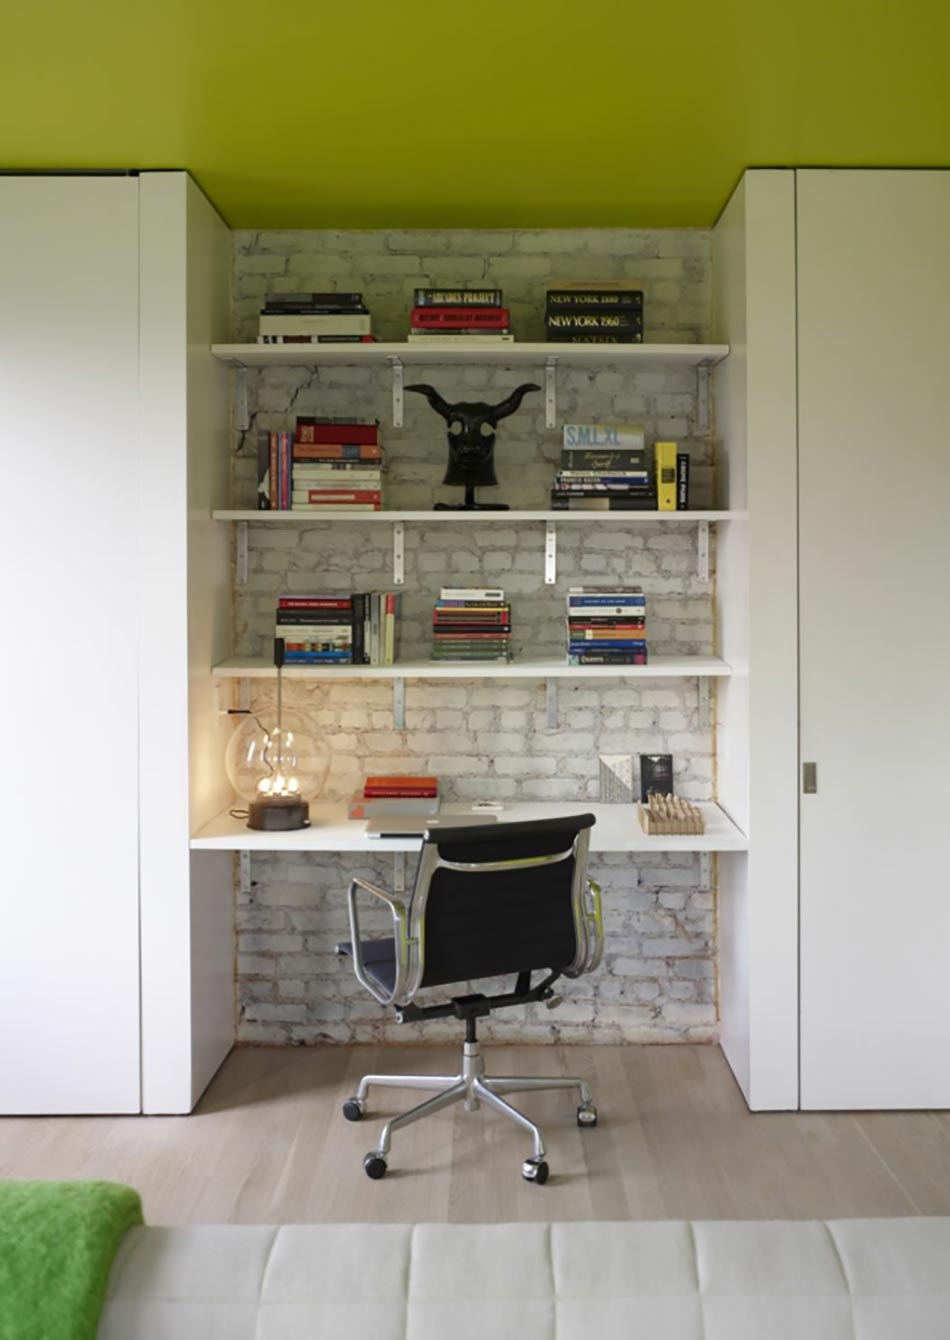 Ancien appartement t3 transform en un loft design industriel design feria - Bureau loft industriel ...